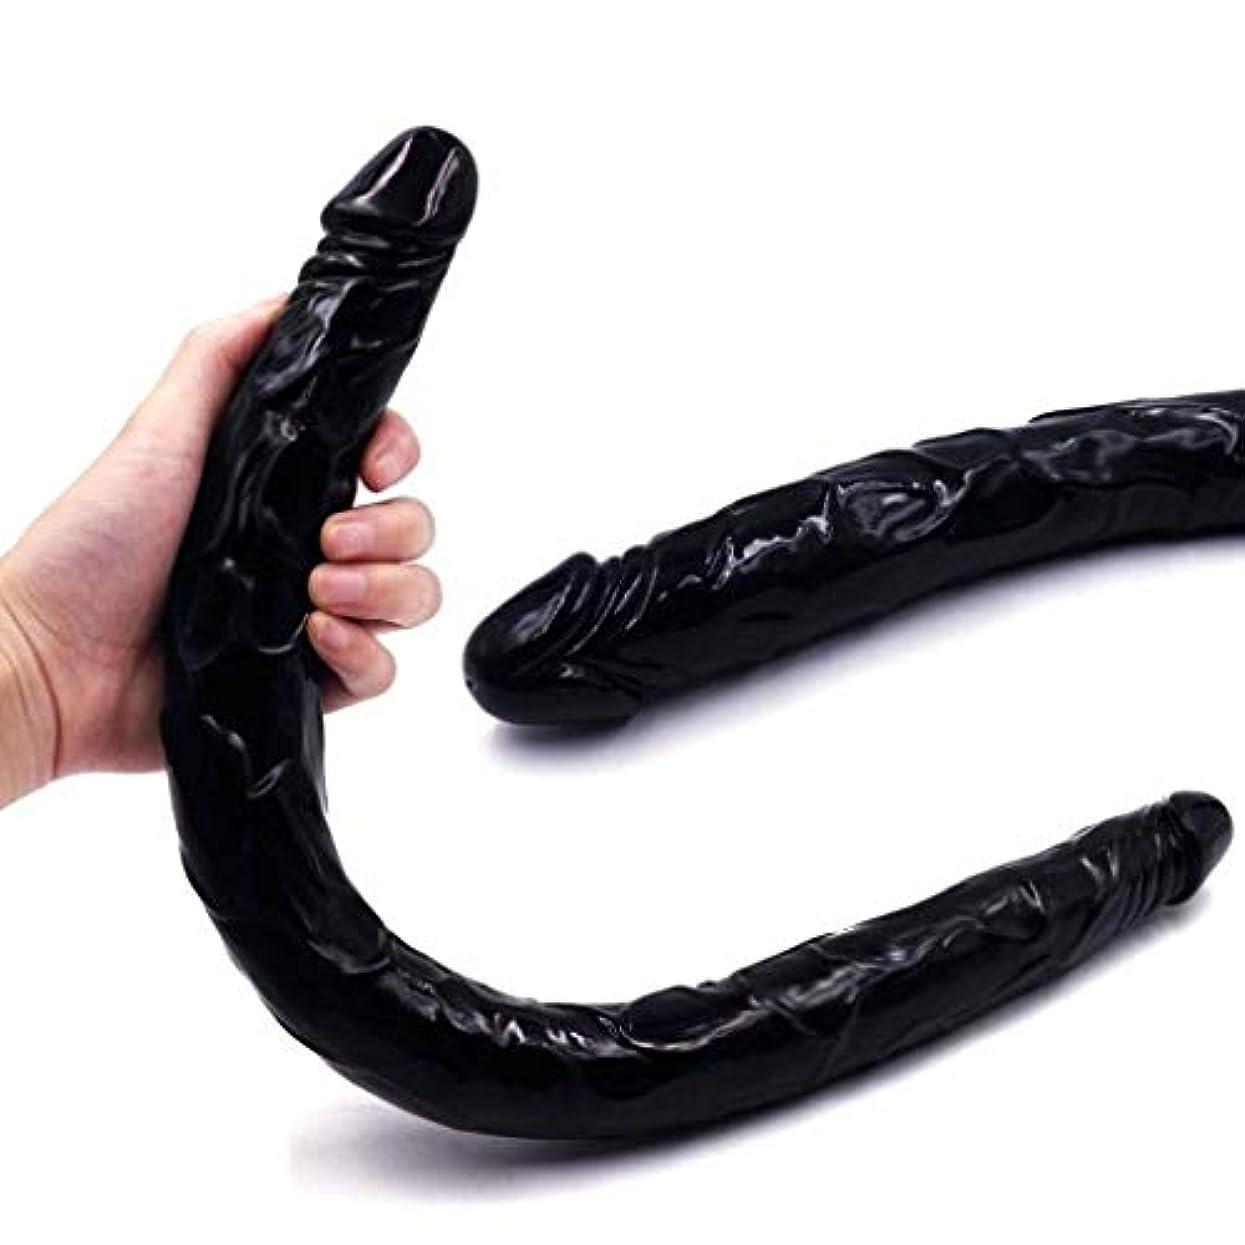 アウター未知の漏れRisareyi 女性の初心者のための3DのリアルなPenisのdi?doのおもちゃポリ塩化ビニール材料の口頭おもちゃ (Color : Flesh)